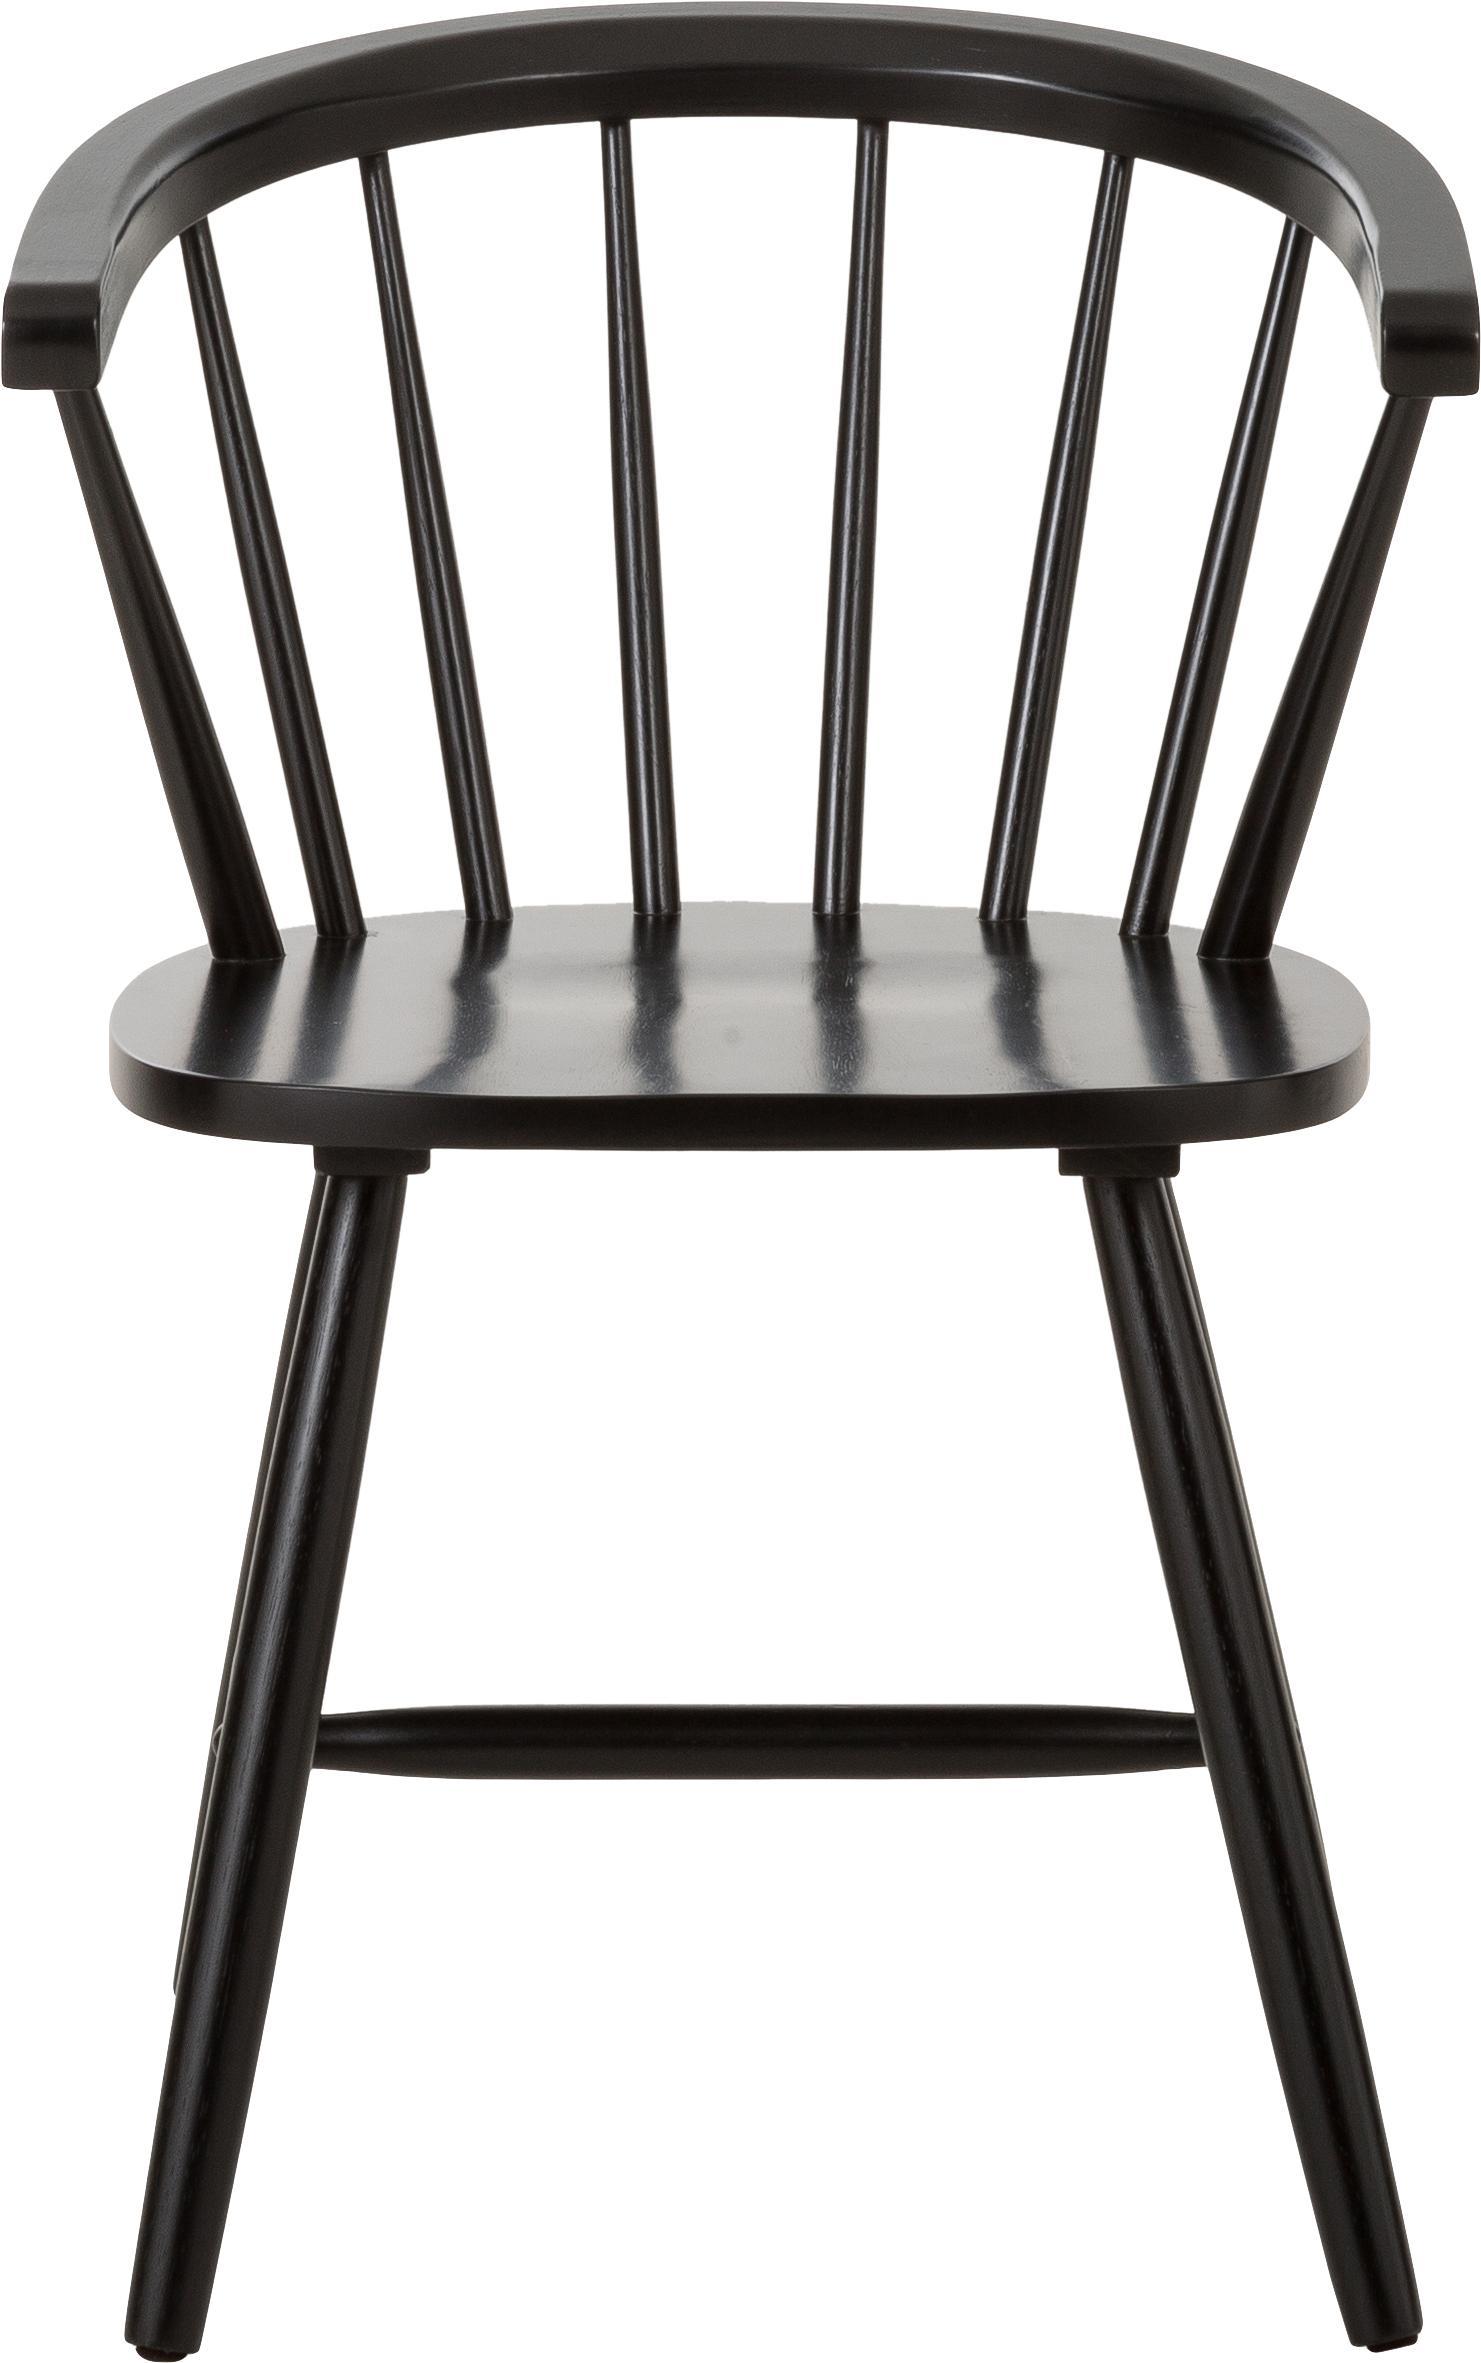 Windsor-Armlehnstühle Megan aus Holz, 2 Stück, Kautschukholz, lackiert, Schwarz, B 53 x T 52 cm